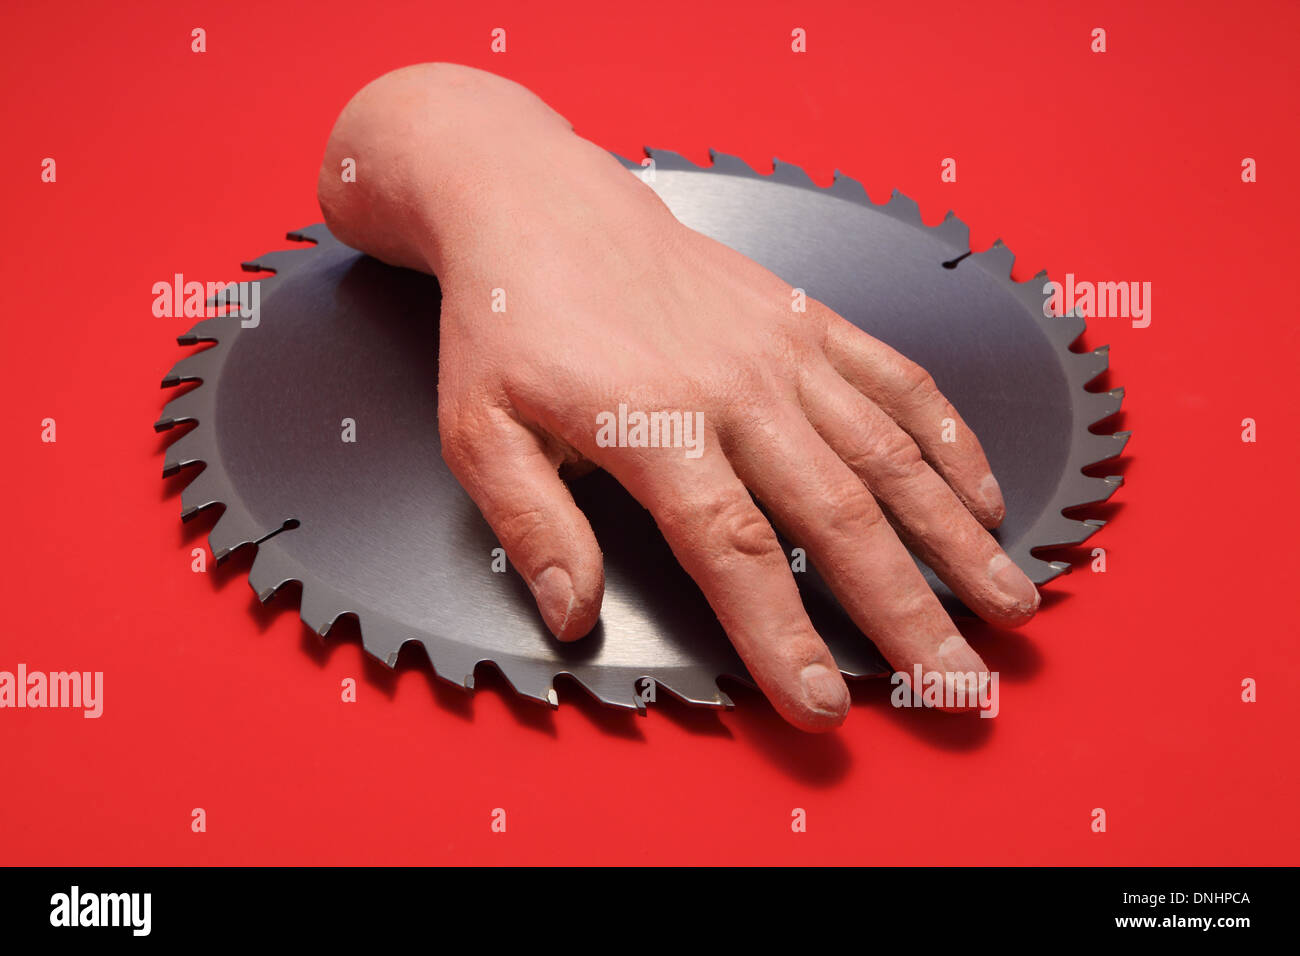 Eine falsche menschliche Hand auf ein Metall Kreissägeblatt mit einem roten Hintergrund. Stockbild